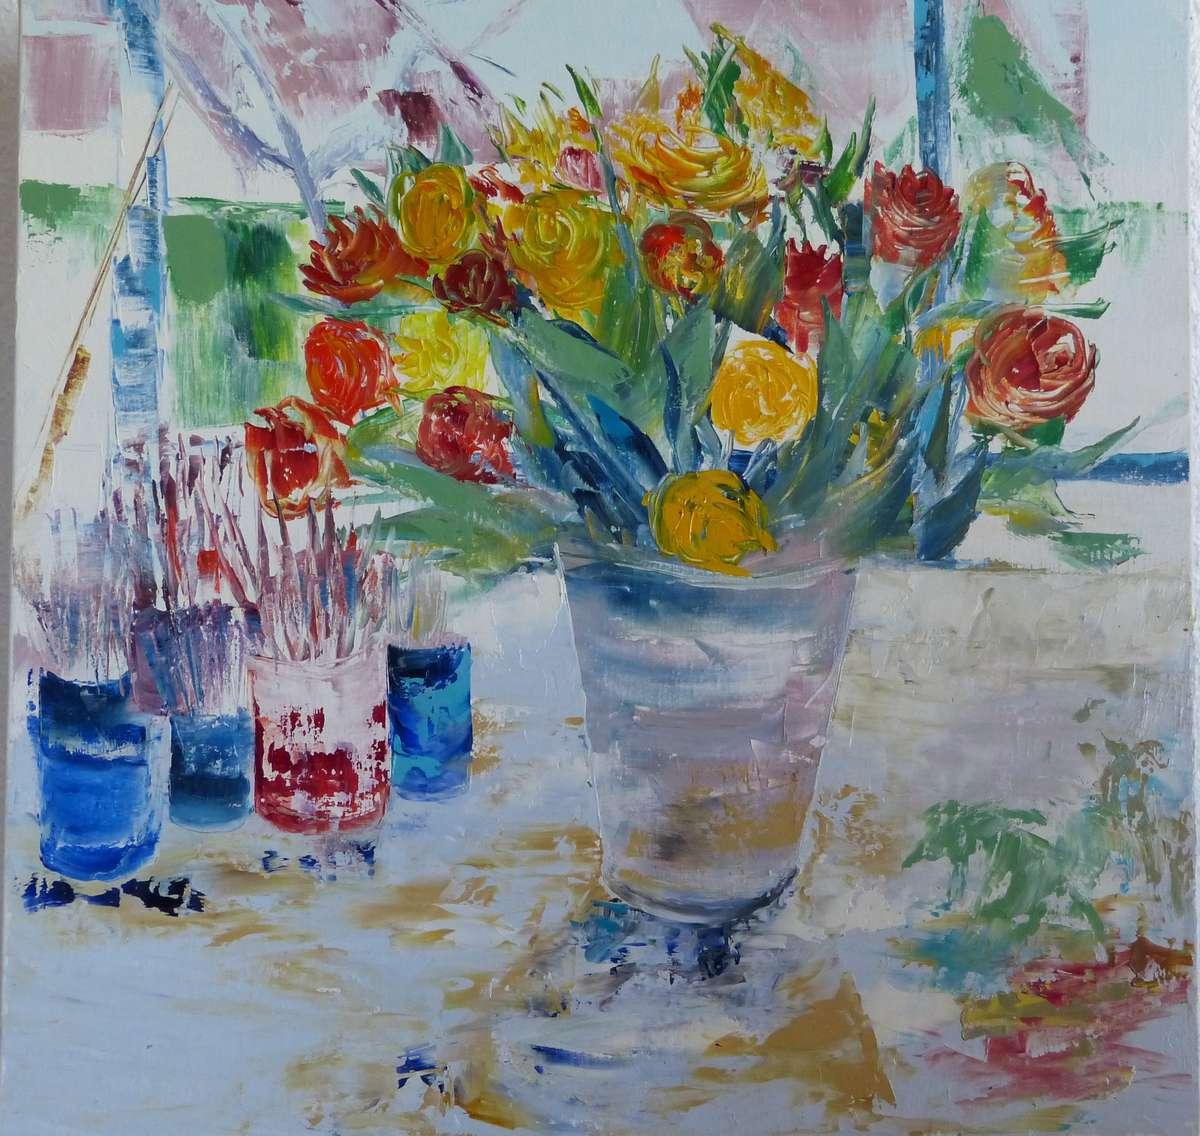 bailhache catherine bouquet huile au couteau 60x60 cm vente aux ench res tableaux modernes. Black Bedroom Furniture Sets. Home Design Ideas